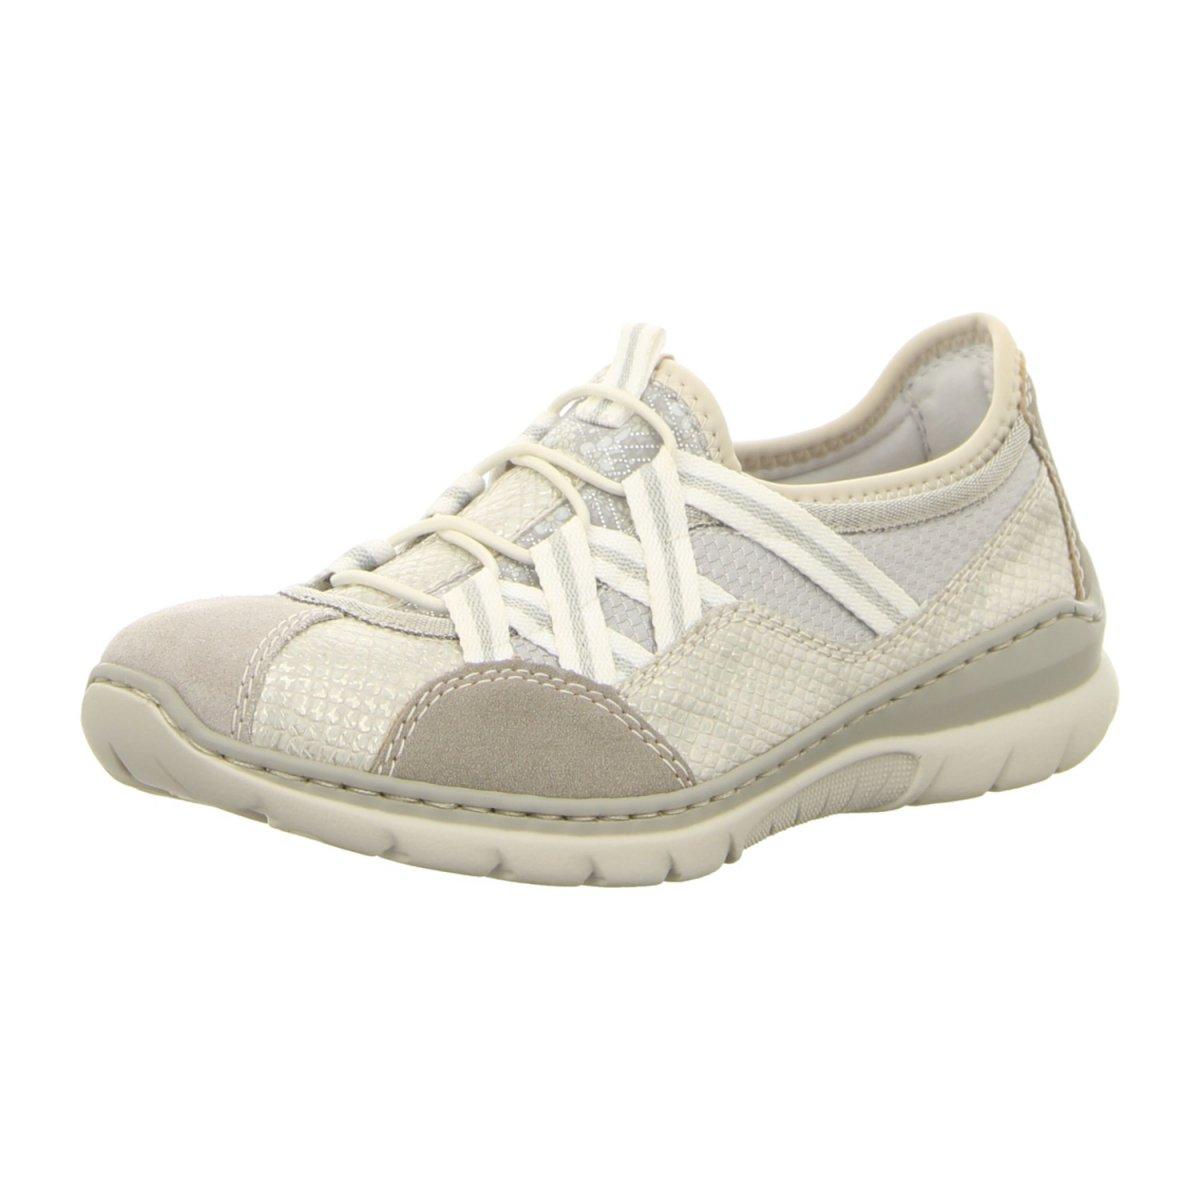 Rieker L3251 40 Grau Kombi (beige) Slipper